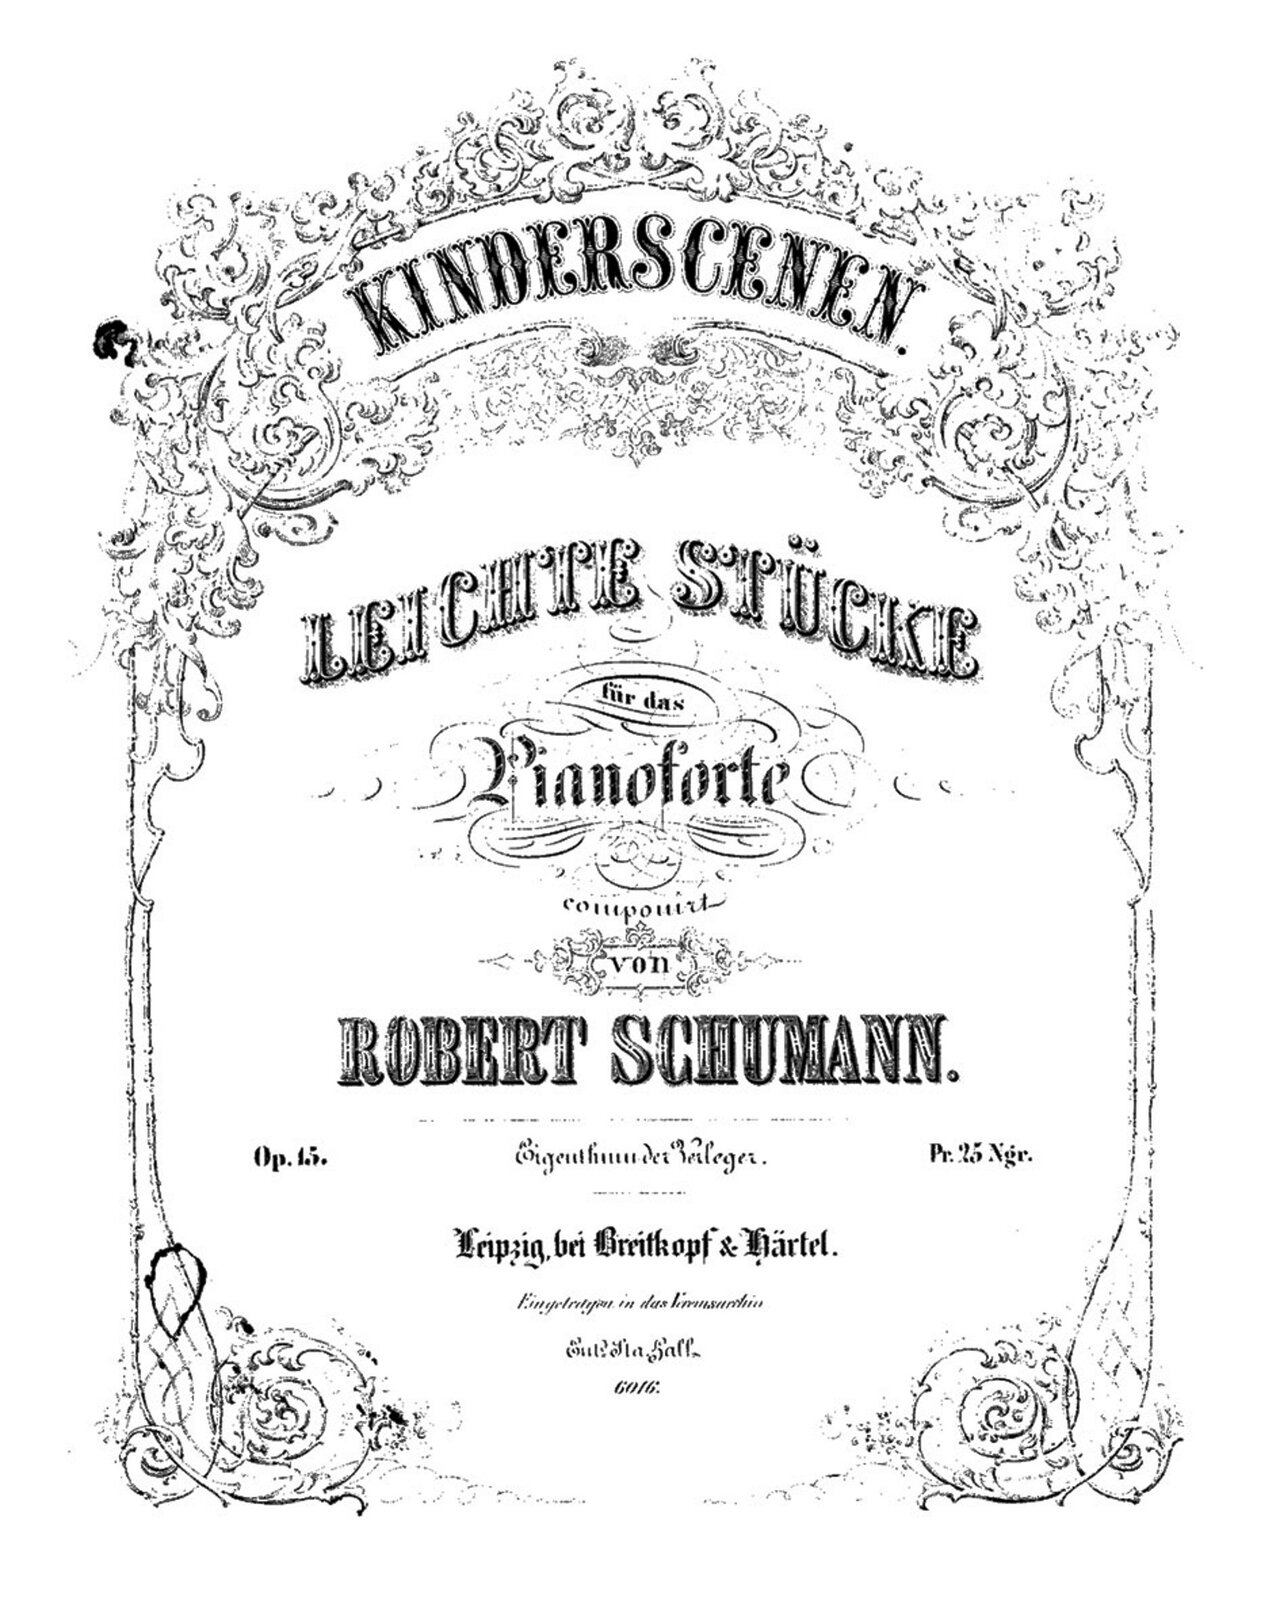 """Ilustracja przedstawia stronę tytułową """"Scen dziecięcych"""" Roberta Schumanna. Strona jest czarno-biała ibogato zdobiona. Na górze wotoczeniu gałązek iliści zapisano tytuł: Kinderscenen. Poniżej informacje otym że są to miniatury fortepianowe autorstwa Roberta Schumanna oraz oznaczenie wydawcy."""